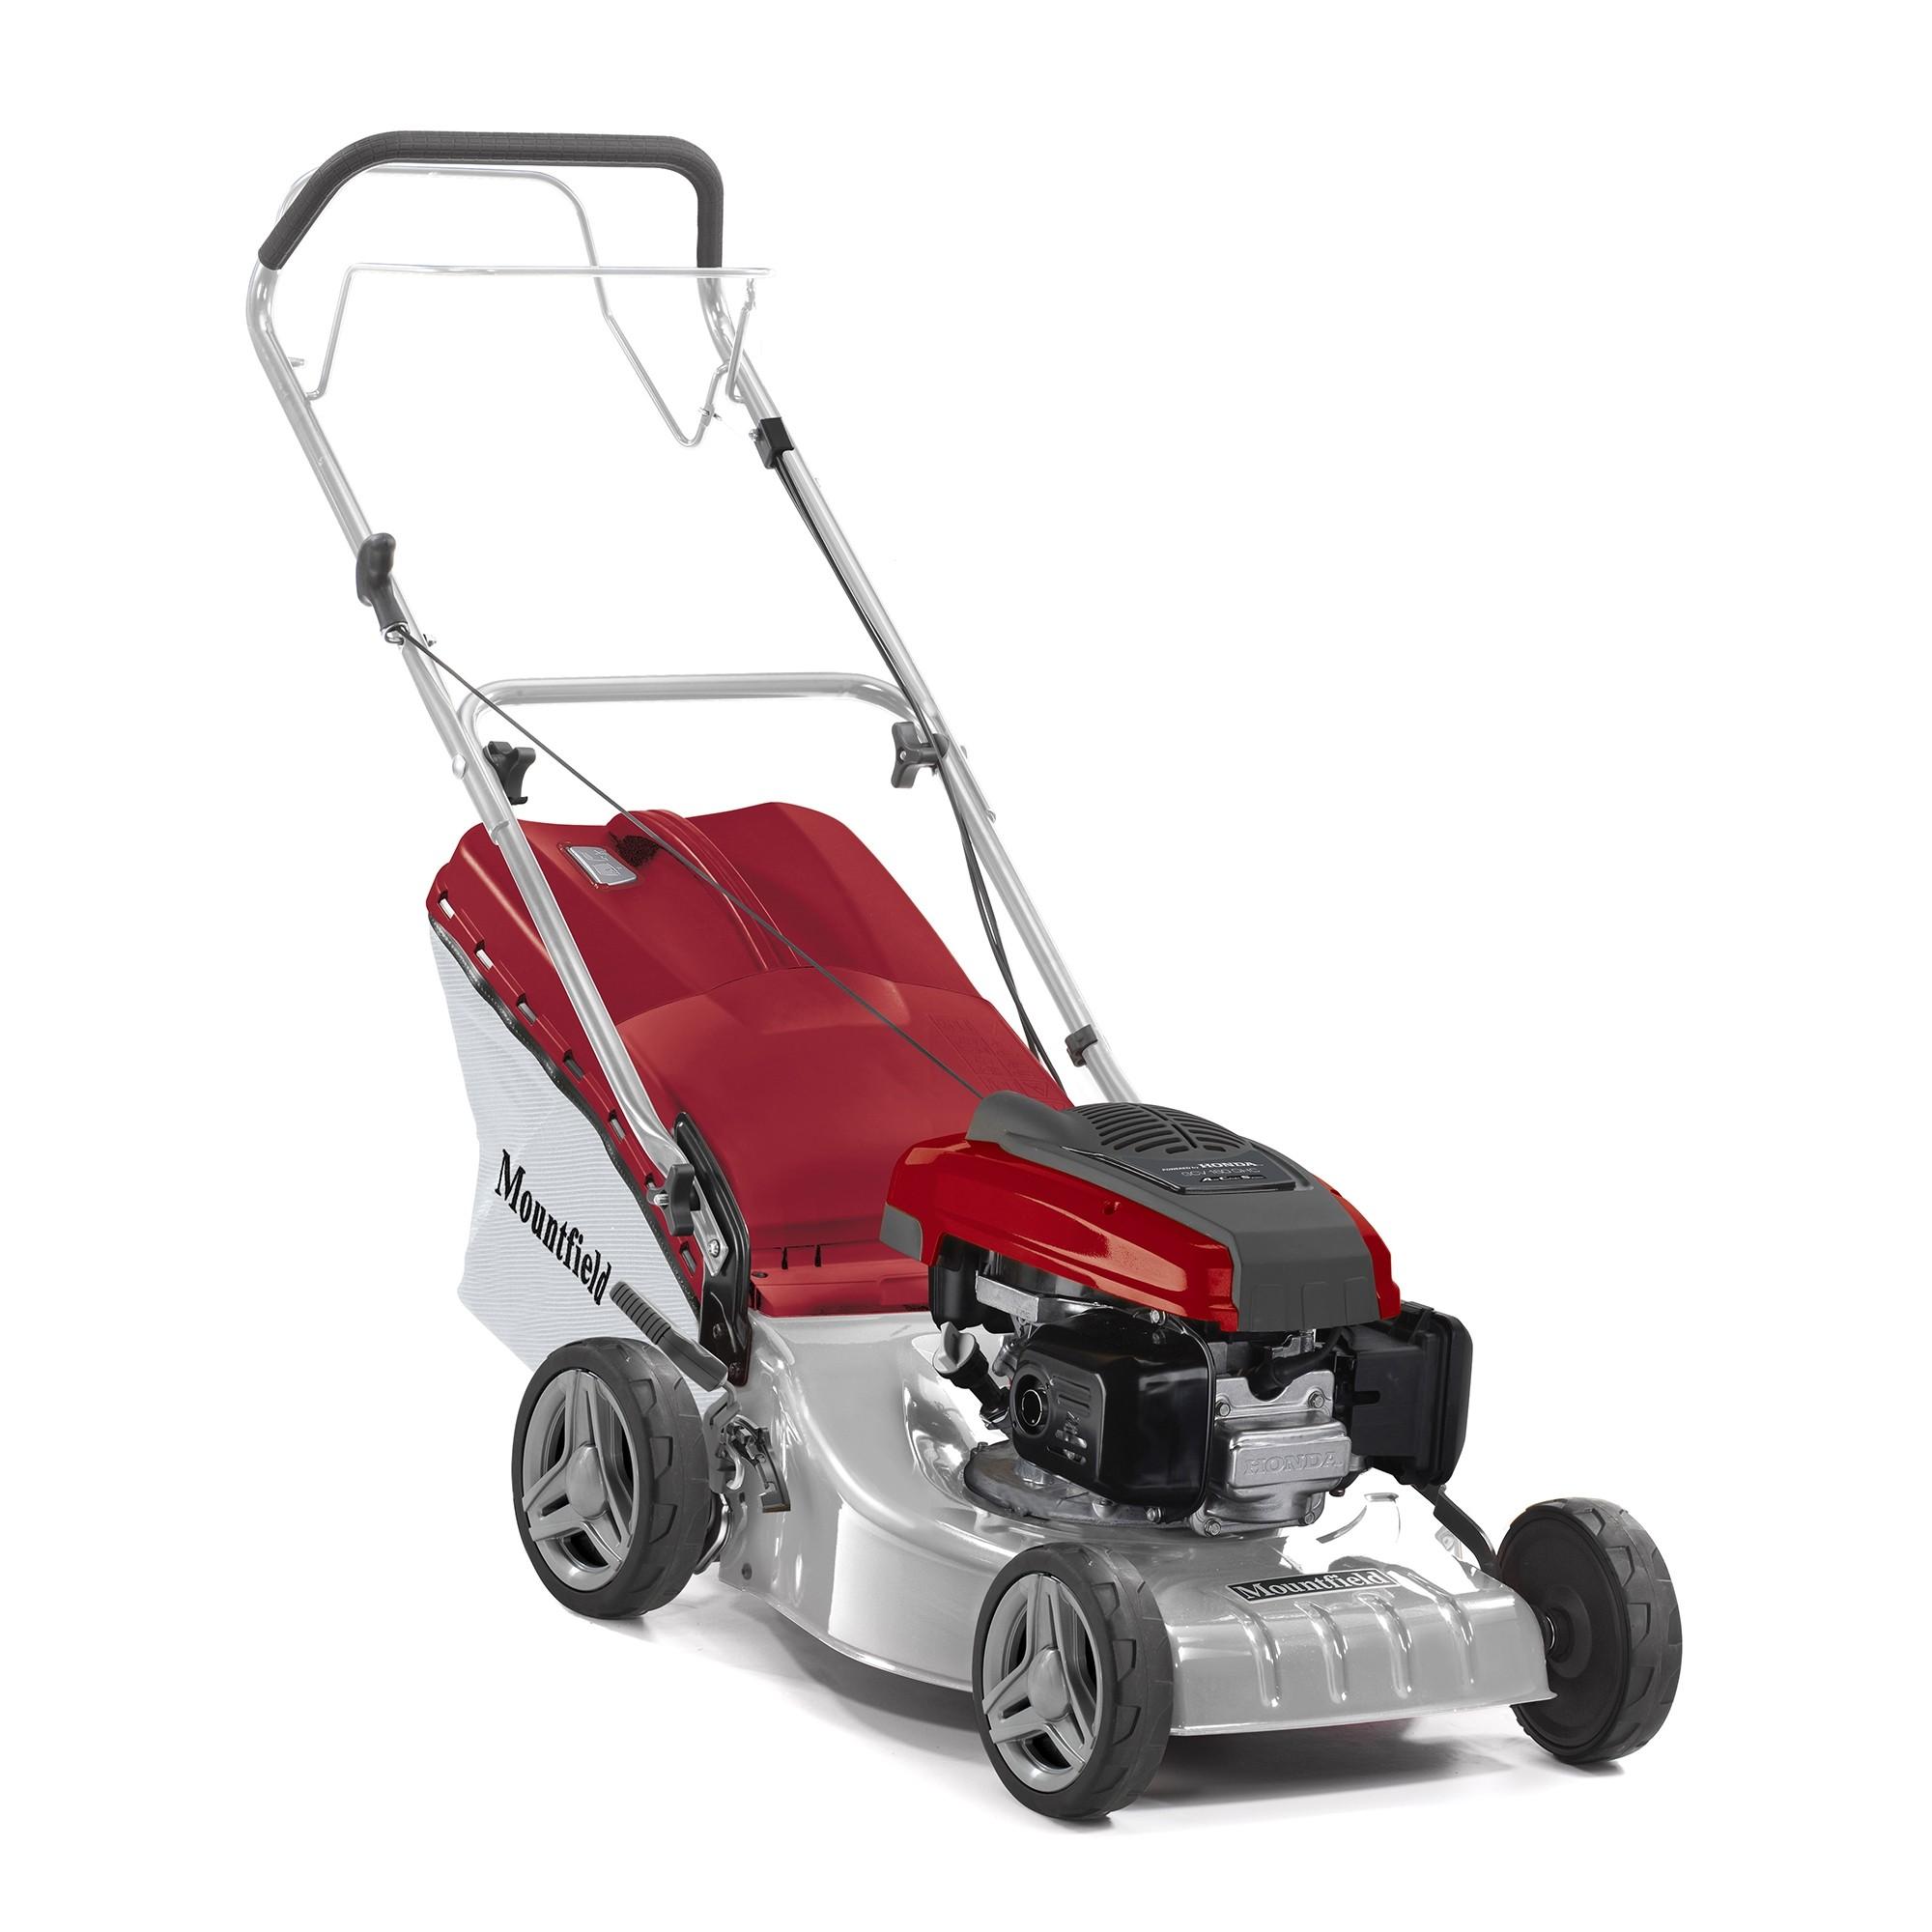 Mountfield SP425 41cm lawnmower